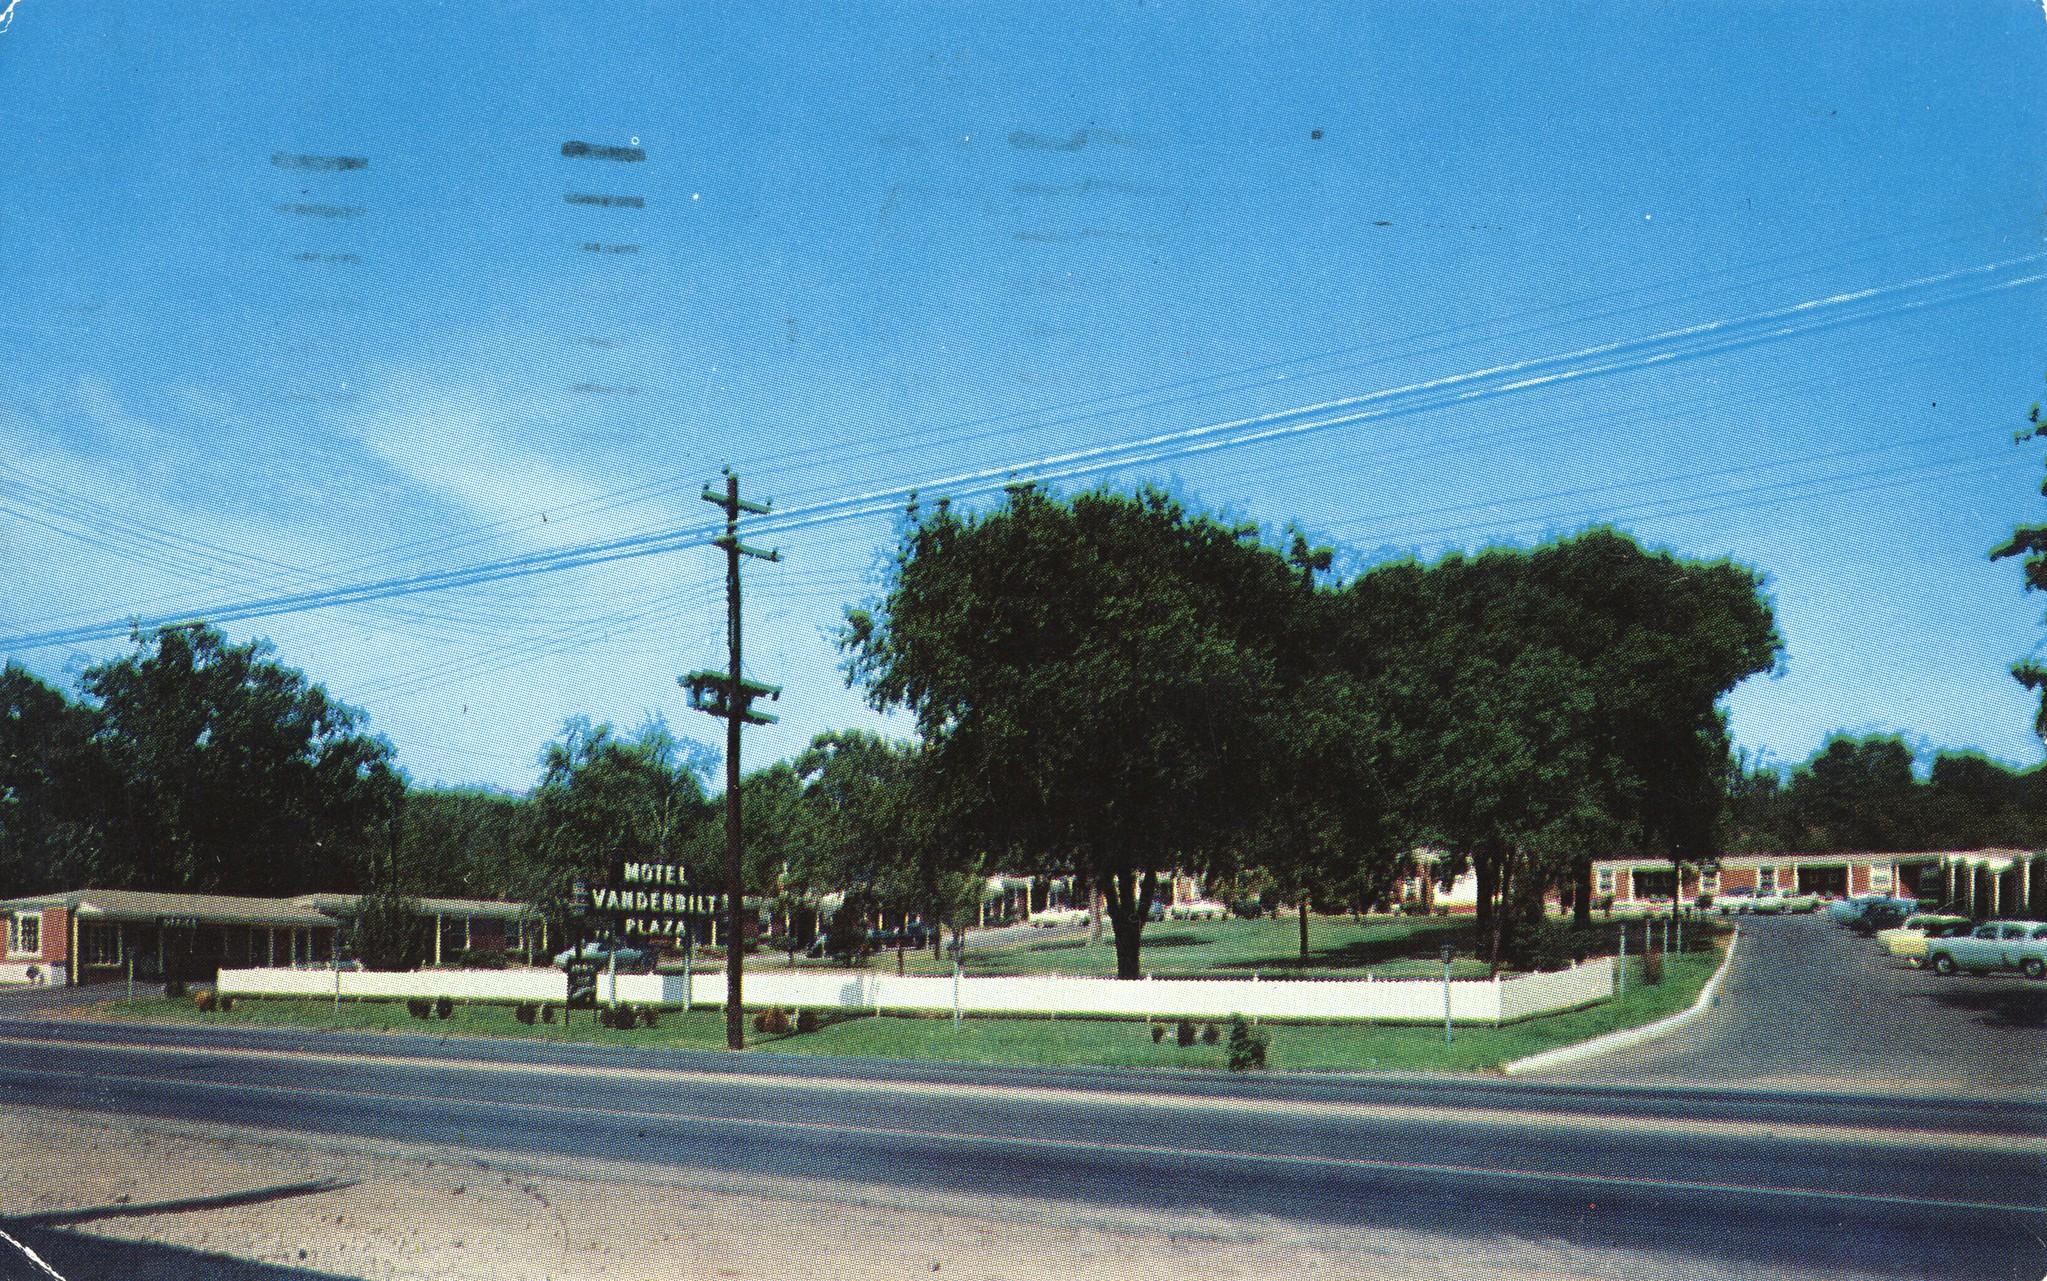 Vanderbilt Plaza Motel - Nashville, Tennessee